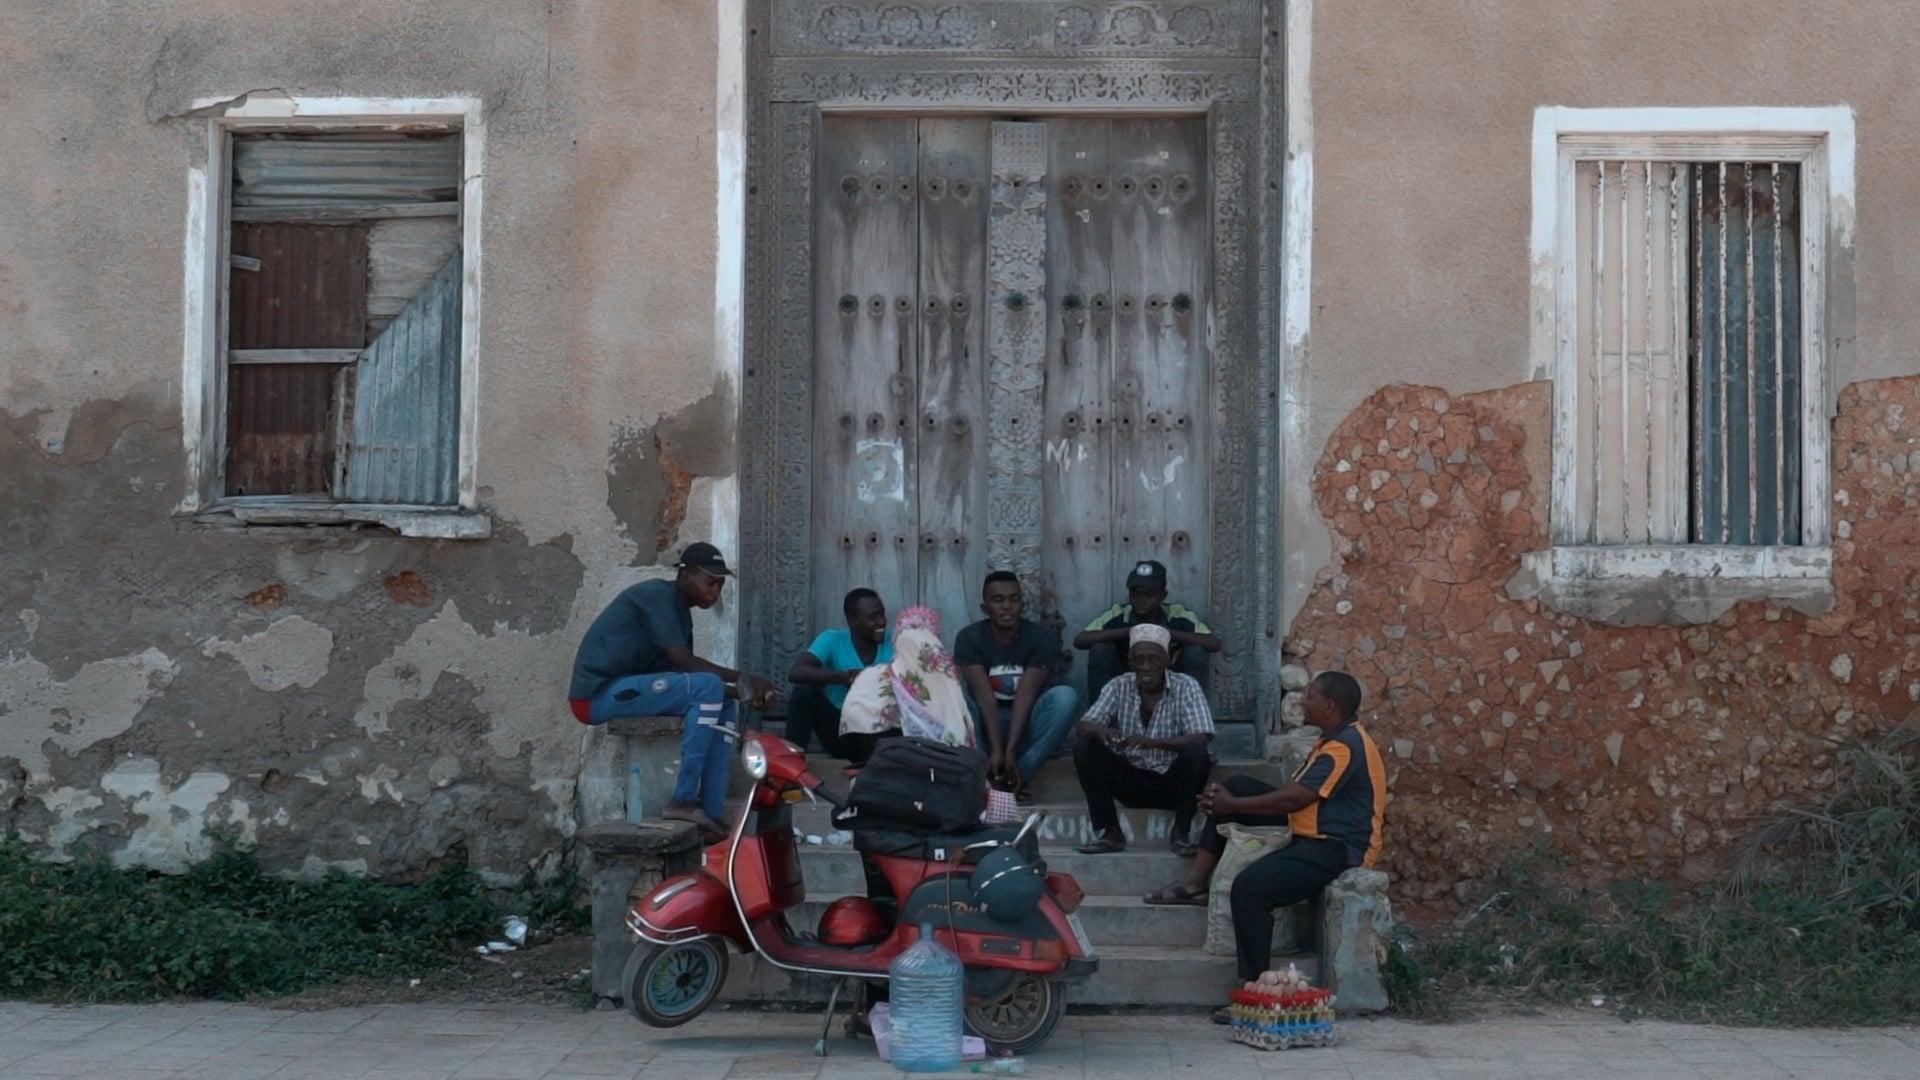 Zanzibar   Alleys and doors stories